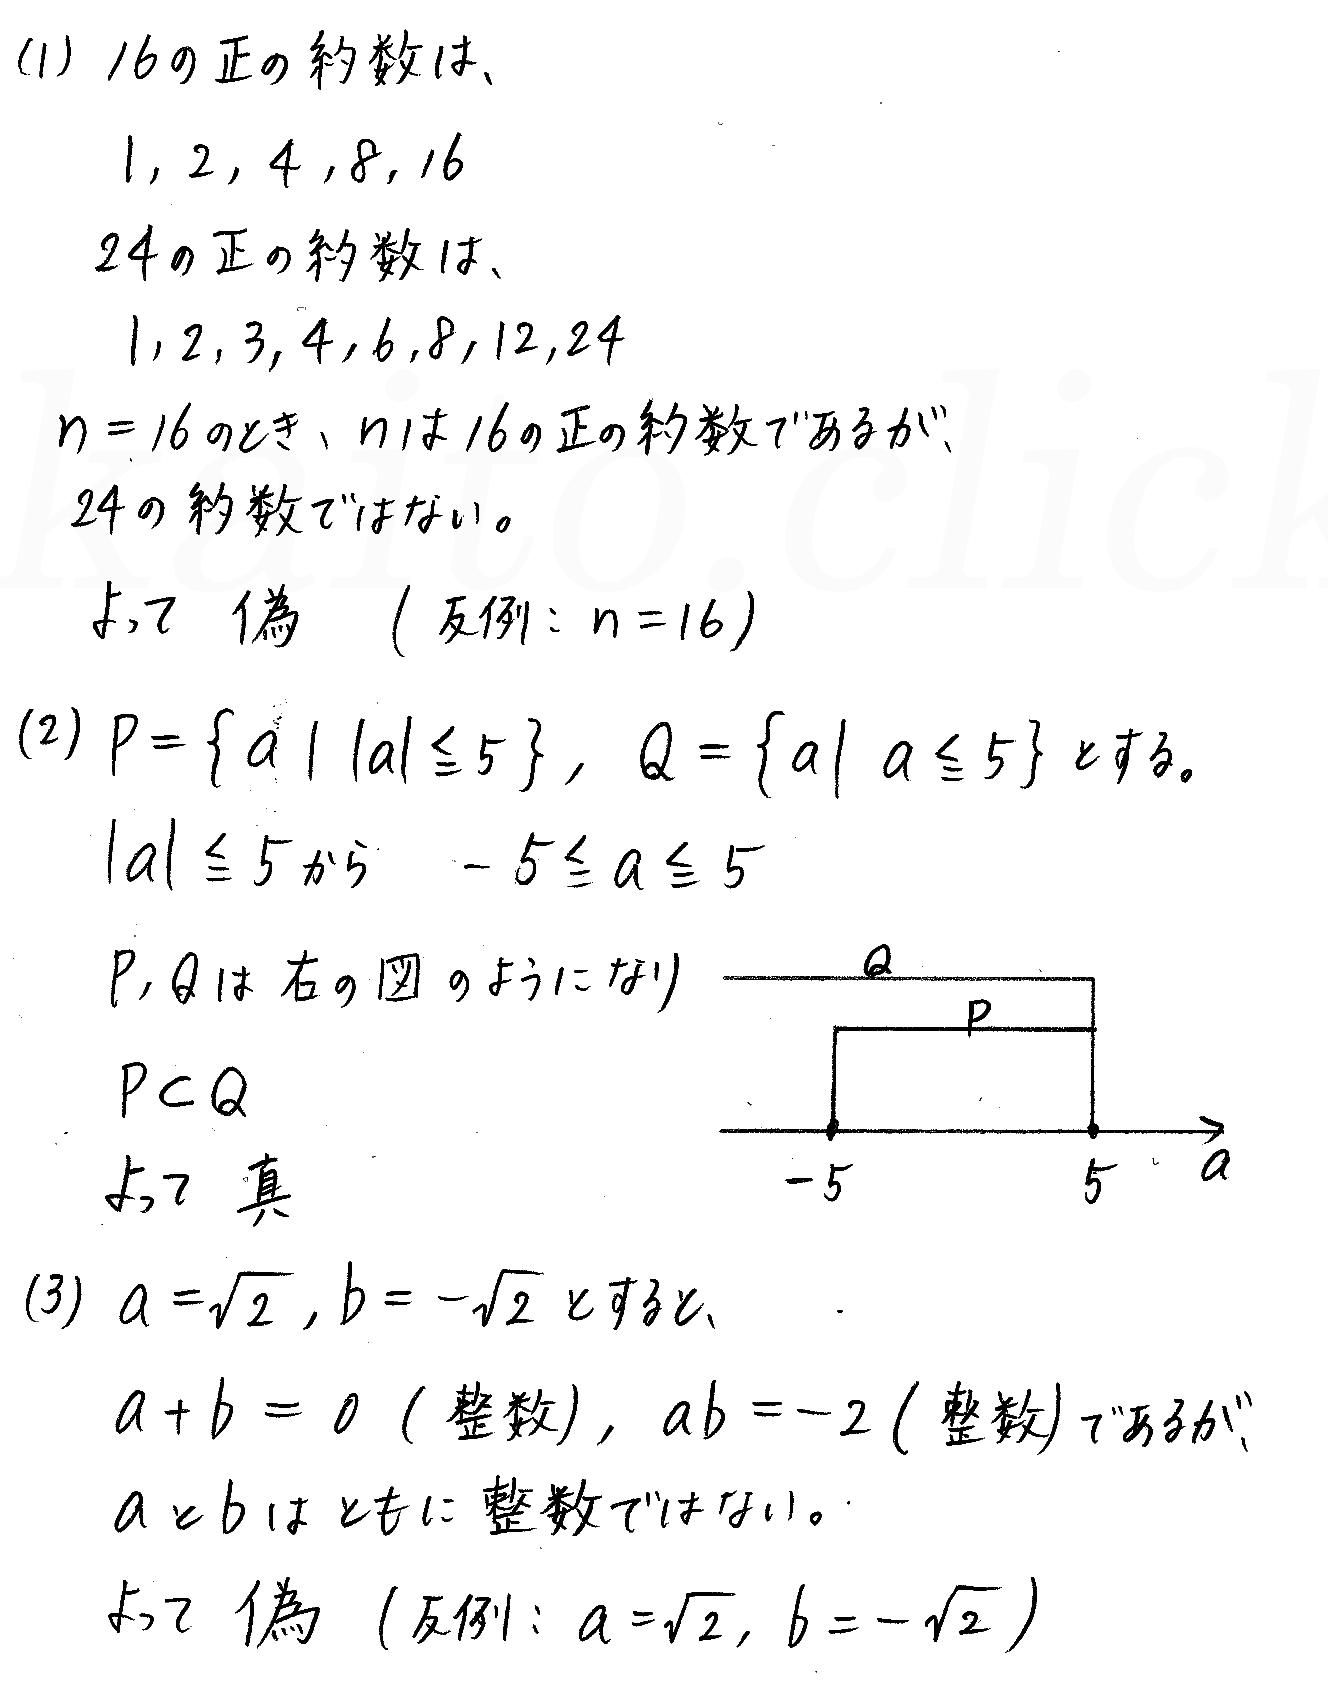 クリアー数学1-119解答